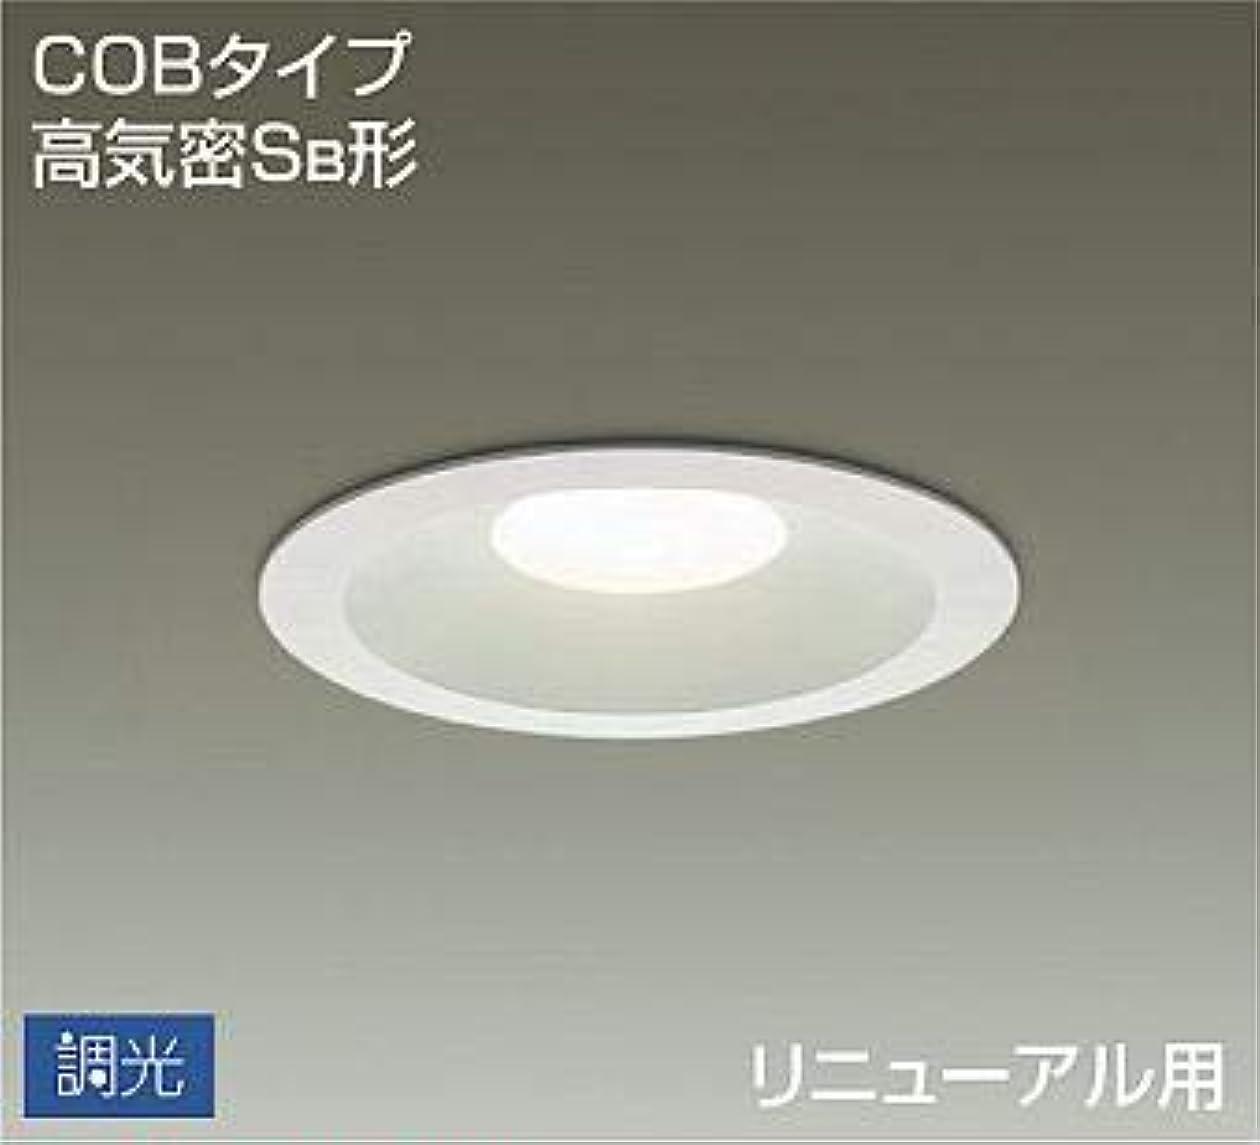 取るに足らない調整可能滑り台DAIKO LEDダウンライト(軒下兼用) リニューアル用 埋込穴φ150 白熱灯60W相当 (LED内蔵) 専用調光器対応 温白色 3500K DDL5008AWG